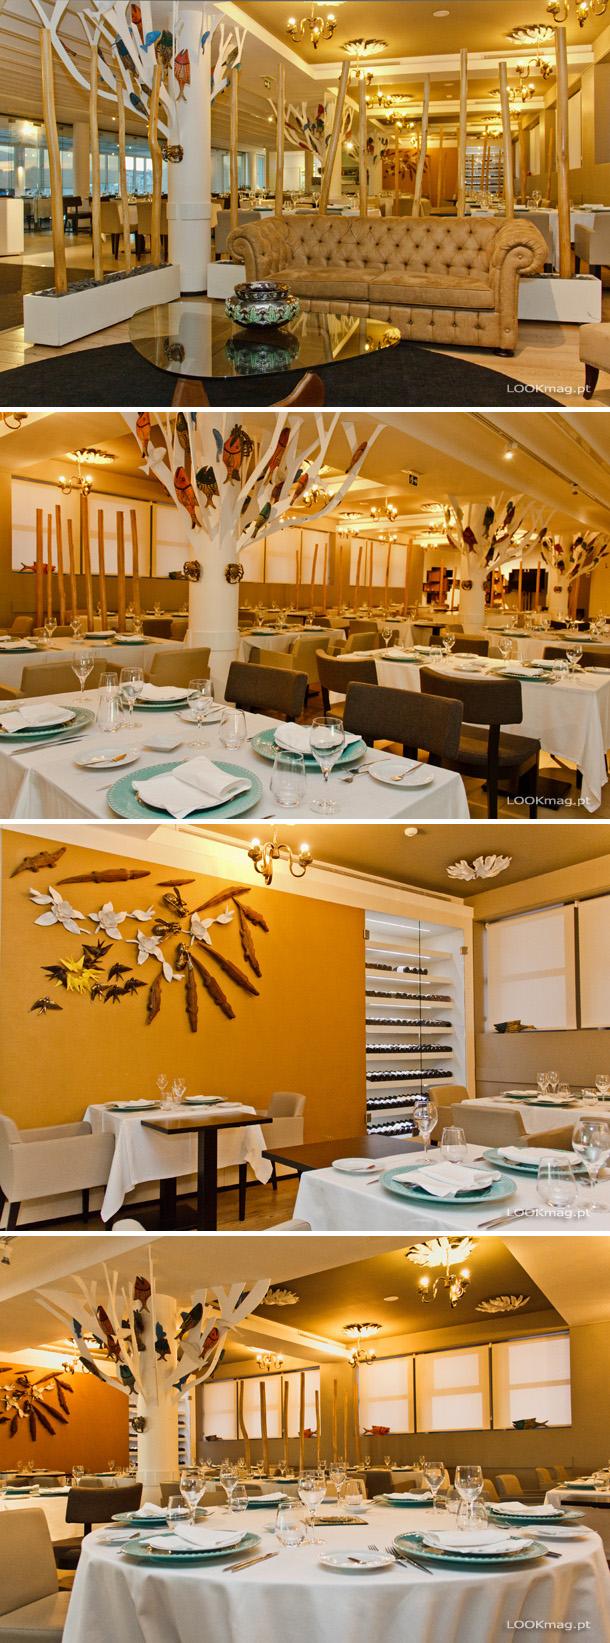 Zambeze_Restaurante-LOOKmag_pt-7-8-9-10